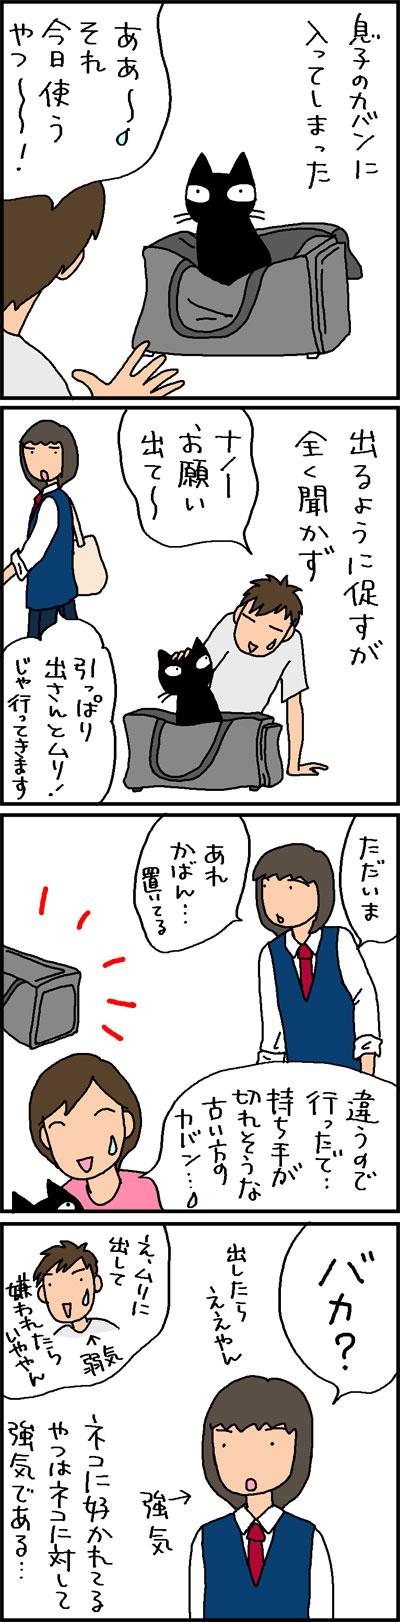 強気な飼い主と弱気な飼い主の4コマ猫漫画